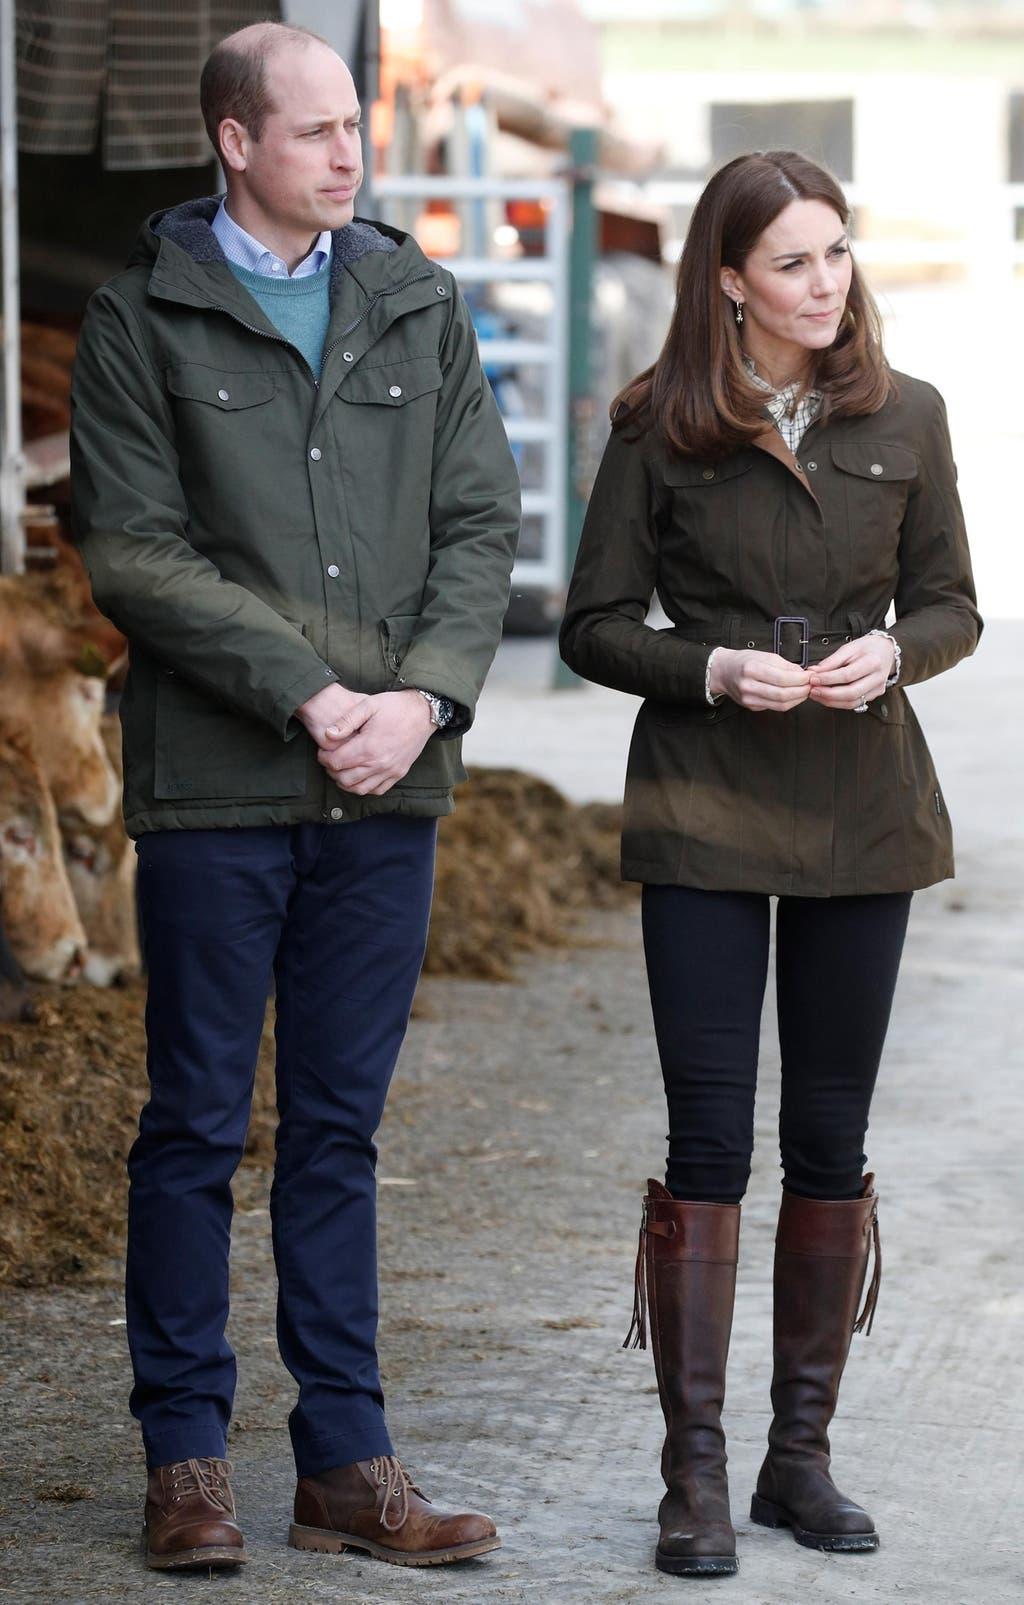 كايت ترتدي سترة كاجوال تحمل توقيعاً إيرلندياً